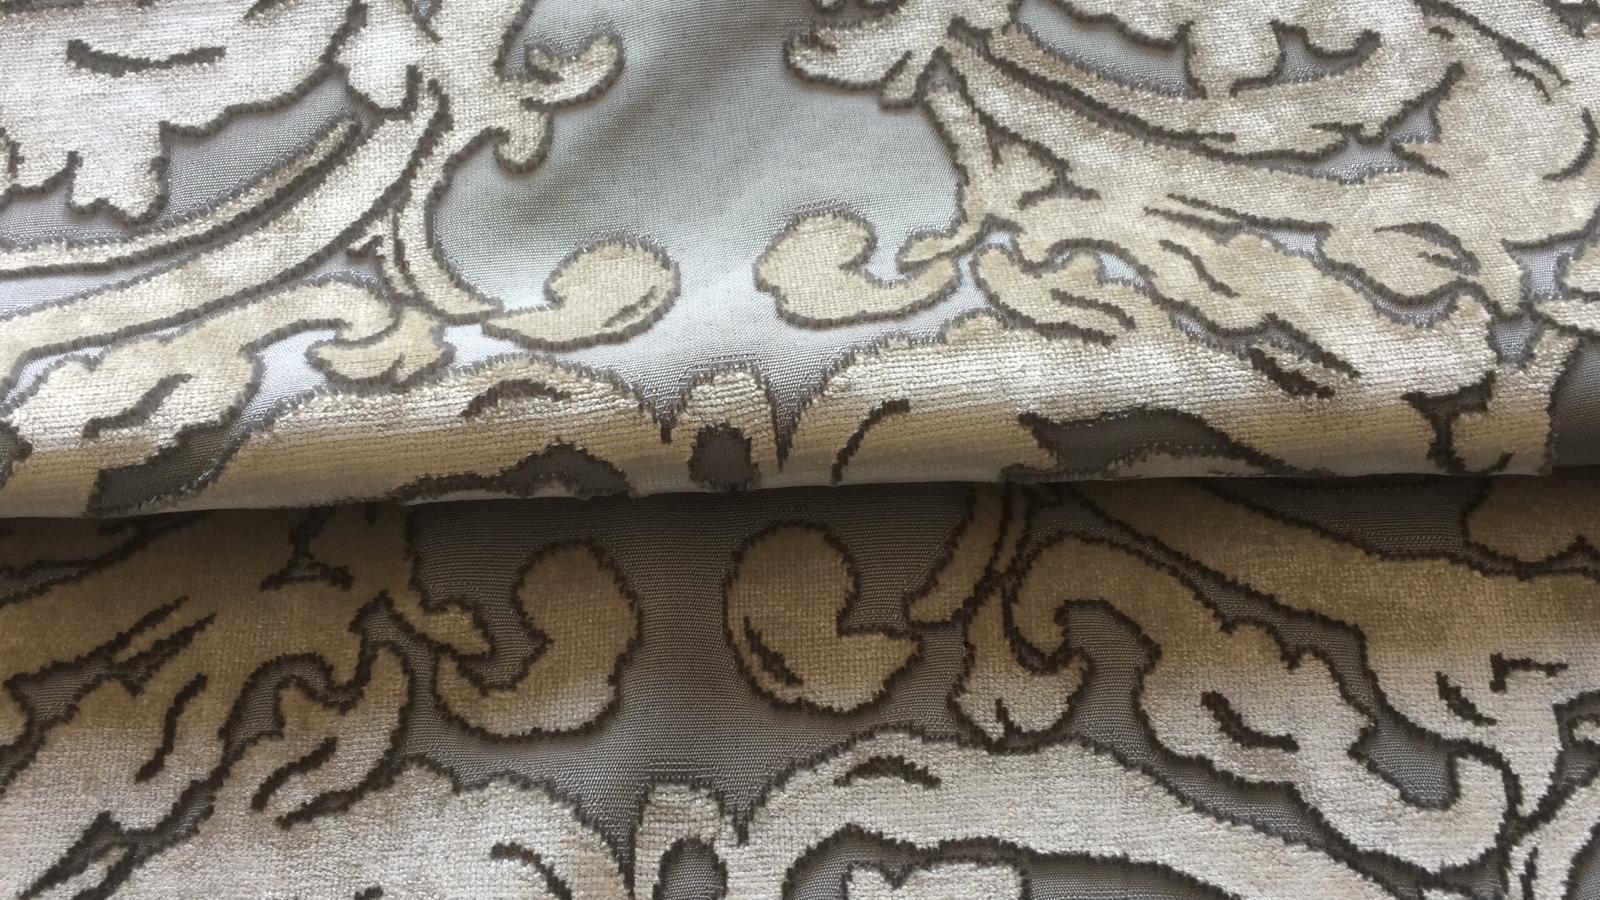 https://0201.nccdn.net/1_2/000/000/0d8/f0f/Tespi-fabric-1600x900.jpg